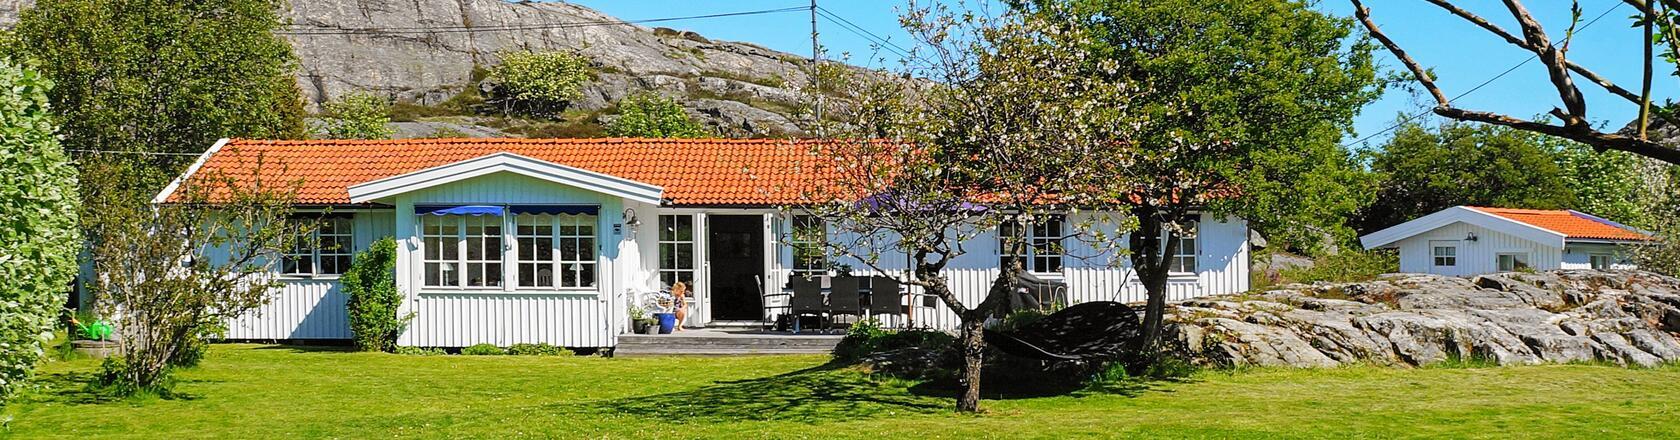 h viksn s in schweden mieten sie ein ferienhaus bei. Black Bedroom Furniture Sets. Home Design Ideas